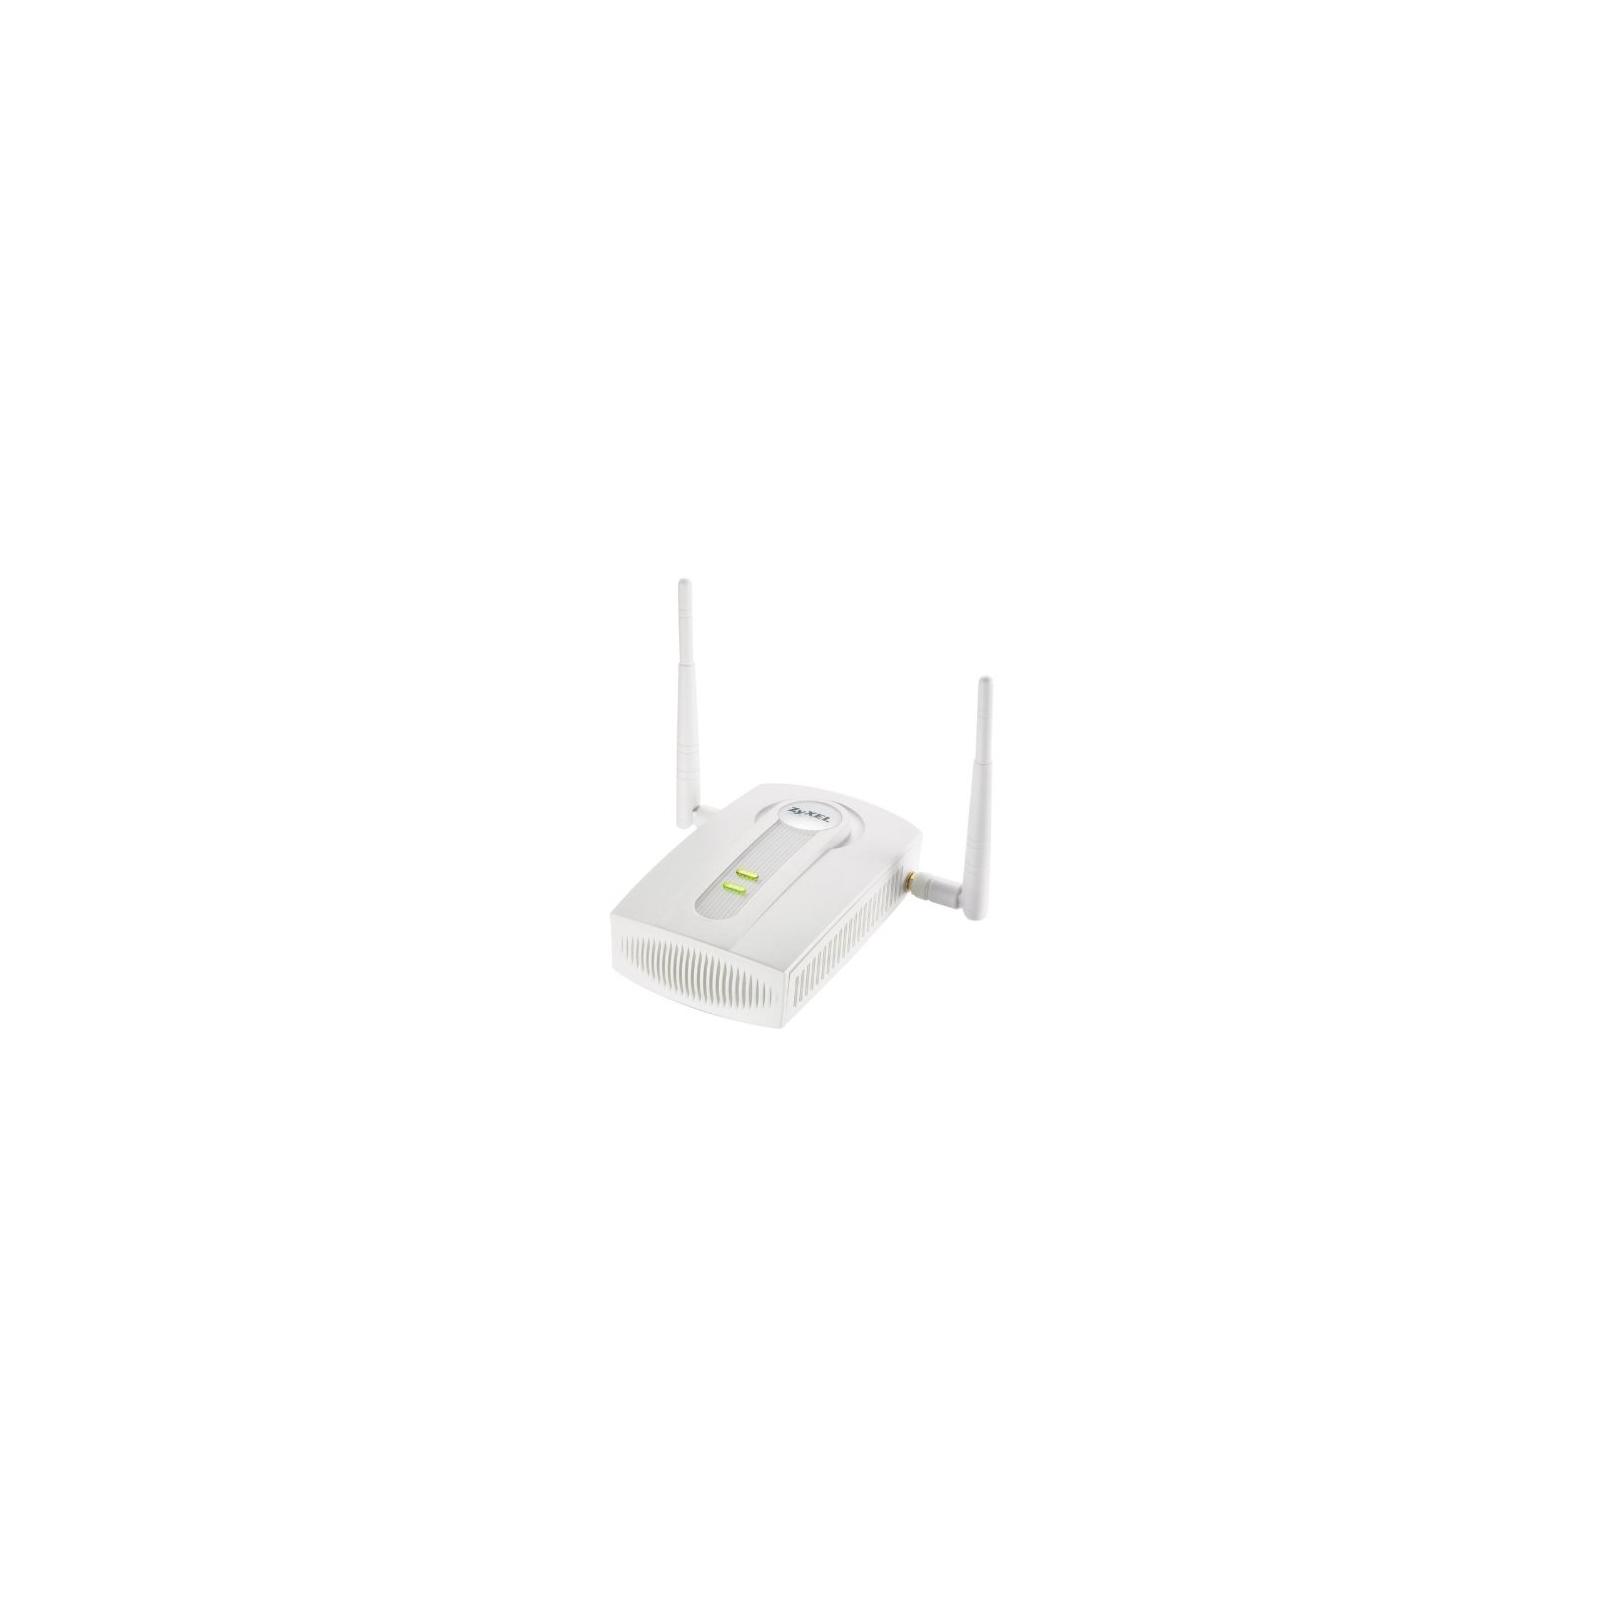 Точка доступа Wi-Fi ZyXel NWA1100-N изображение 2